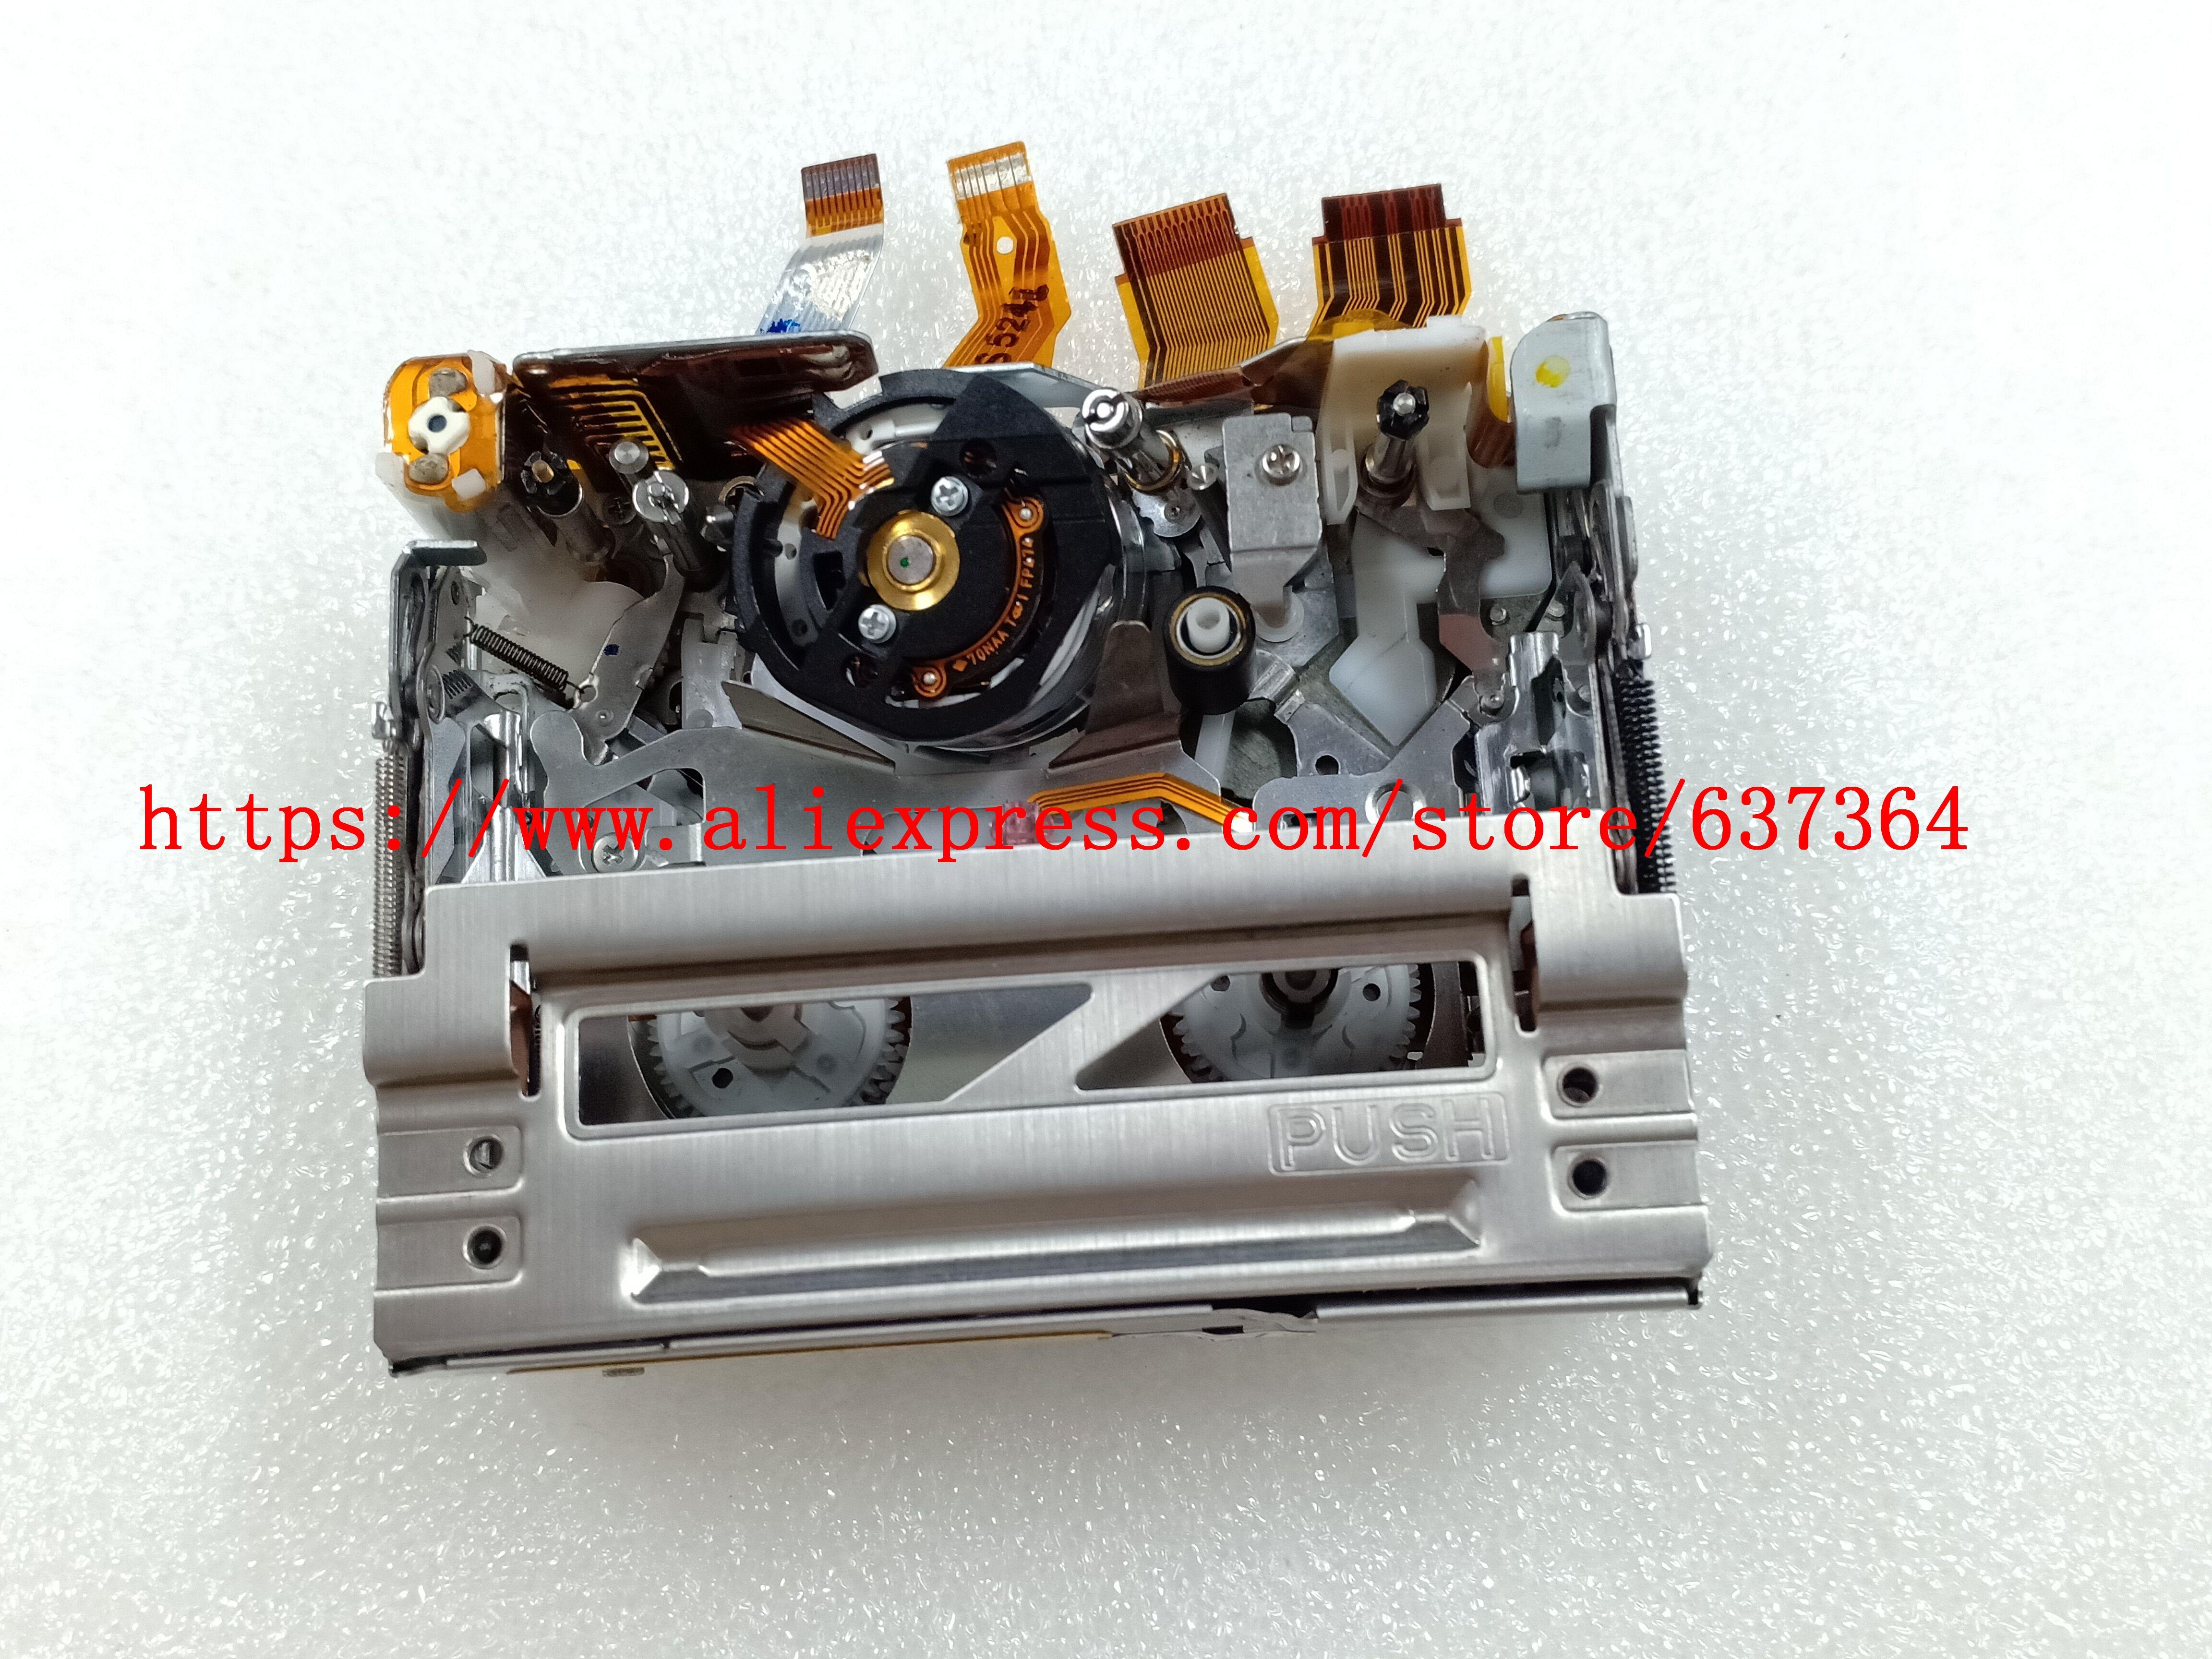 Mecanismo original FX1E para sony FX1, con tambor fx1, pieza de reparación...